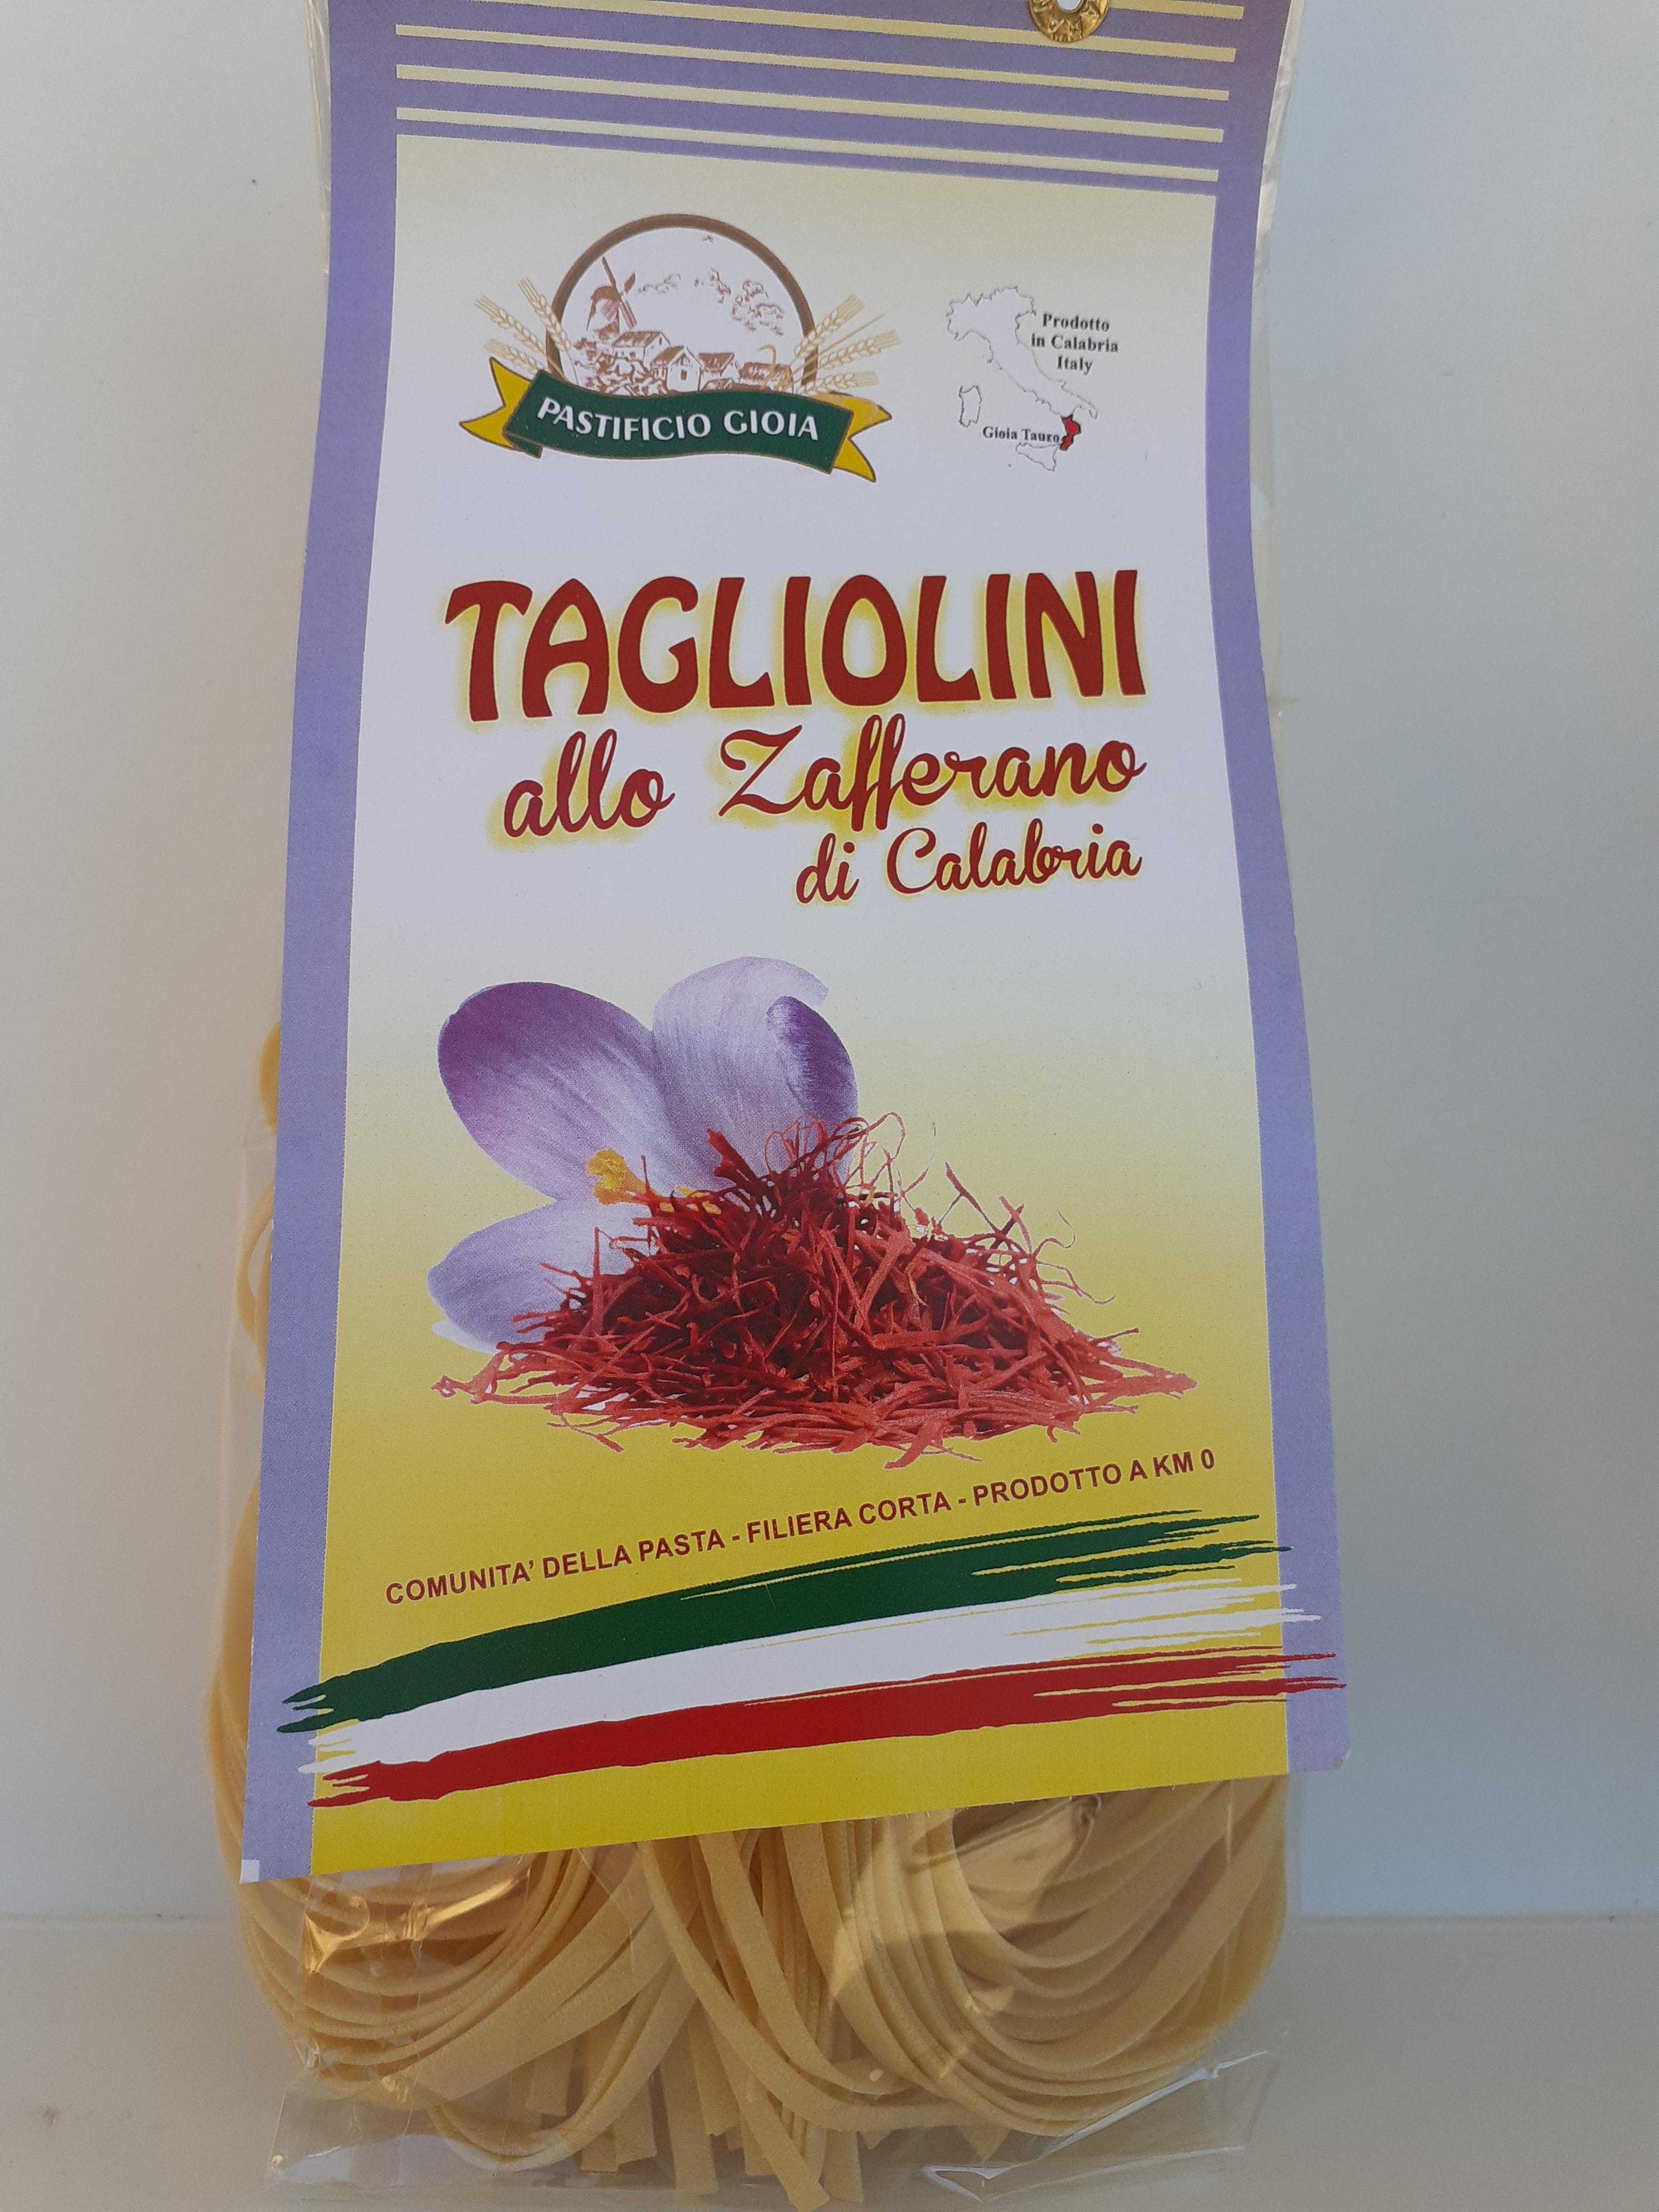 Tagliolini allo Zafferano di Calabria 500g. Pasta Artigianale essiccata lentamente a bassa temperatura del Pastificio Gioia Gioia Tauro (RC)